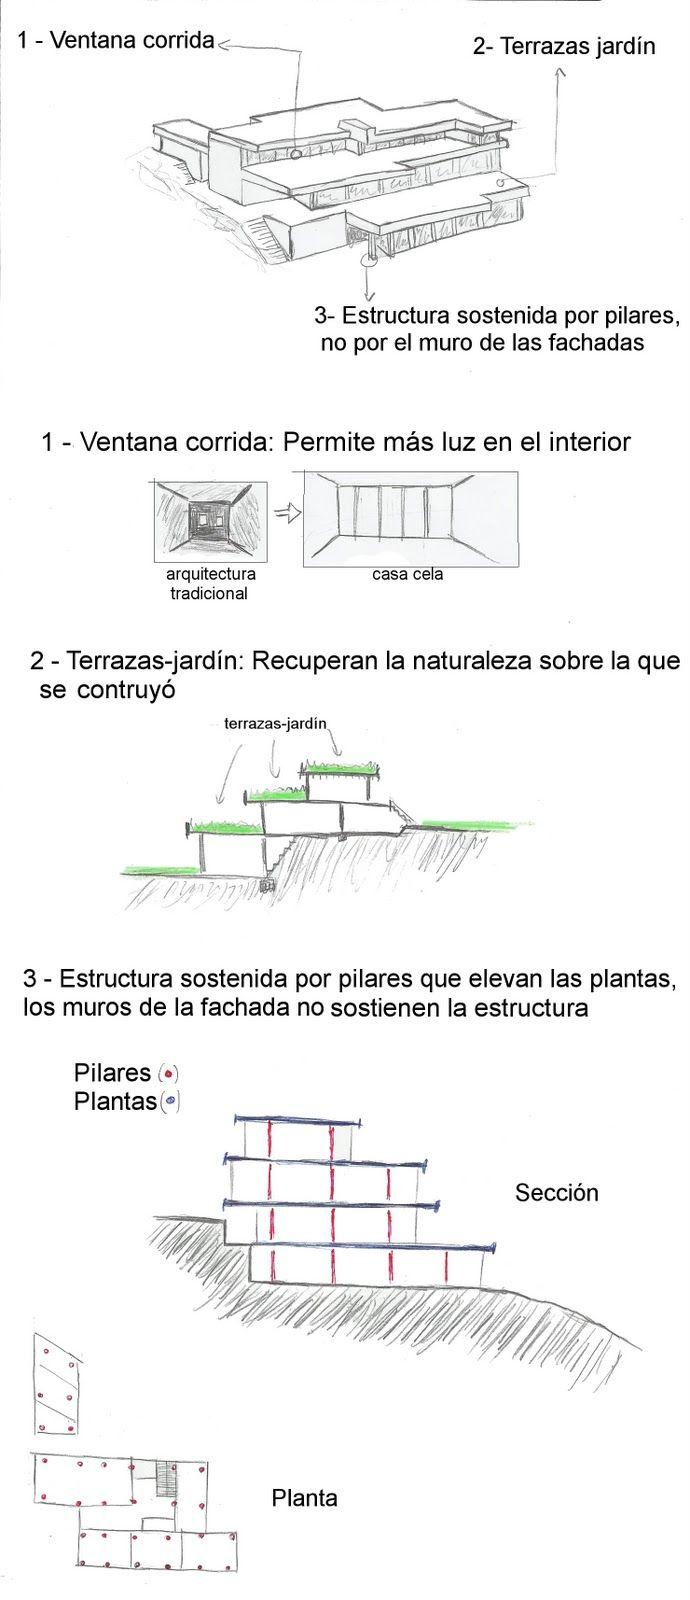 Corrales y molez n la casa cela arquitectura de for Arquitectura parametrica pdf